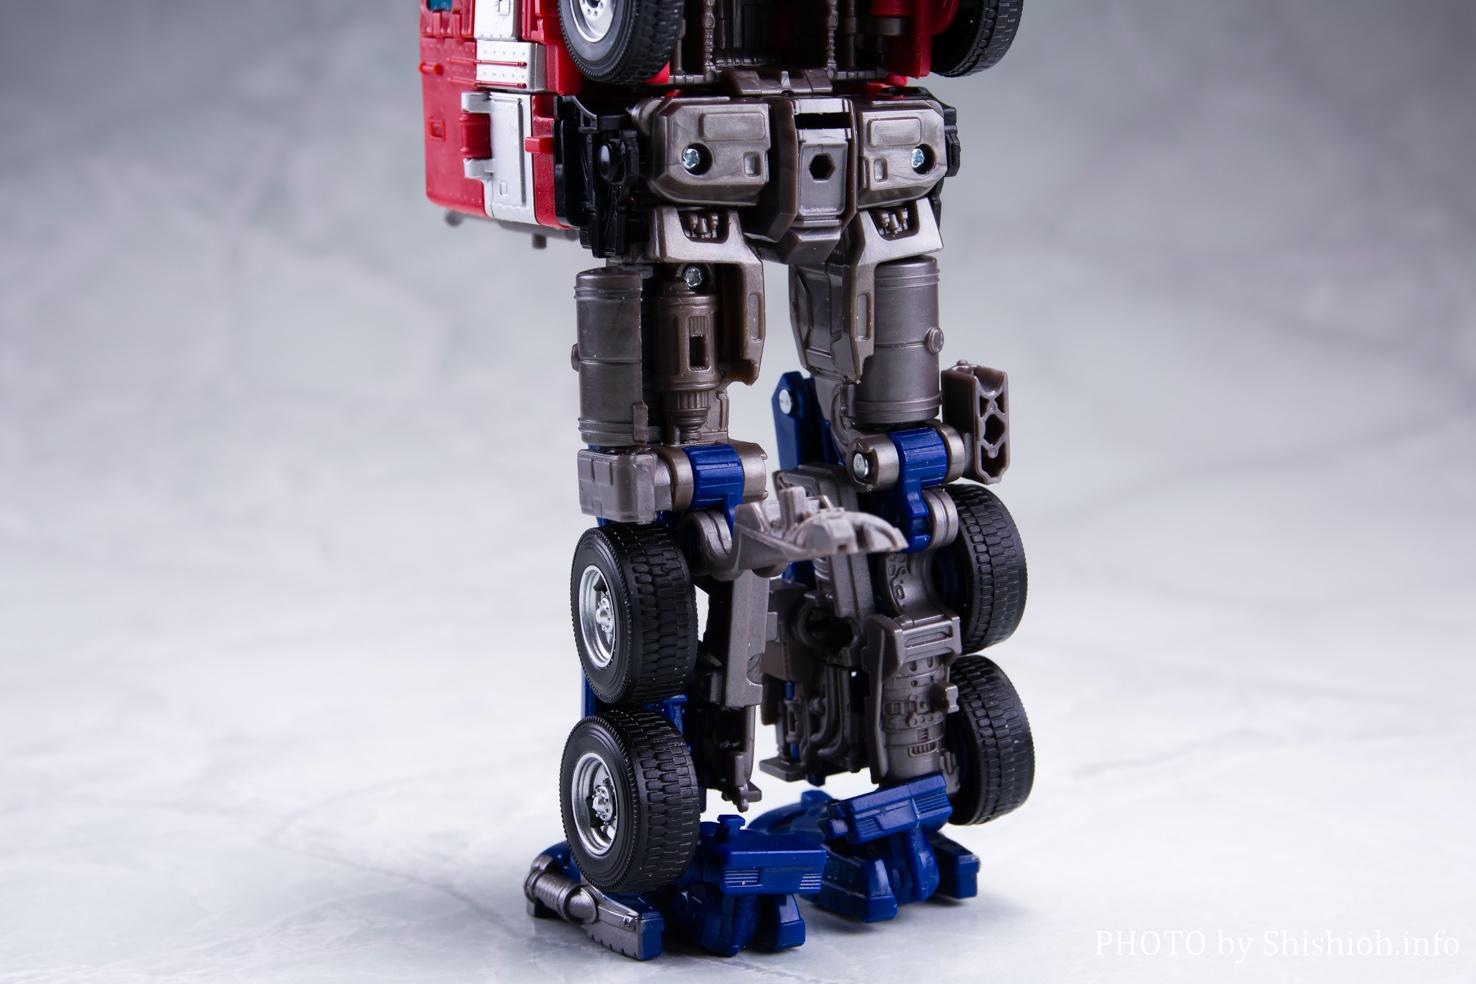 トランスフォーマー スタジオシリーズ SS-30 オプティマスプライム